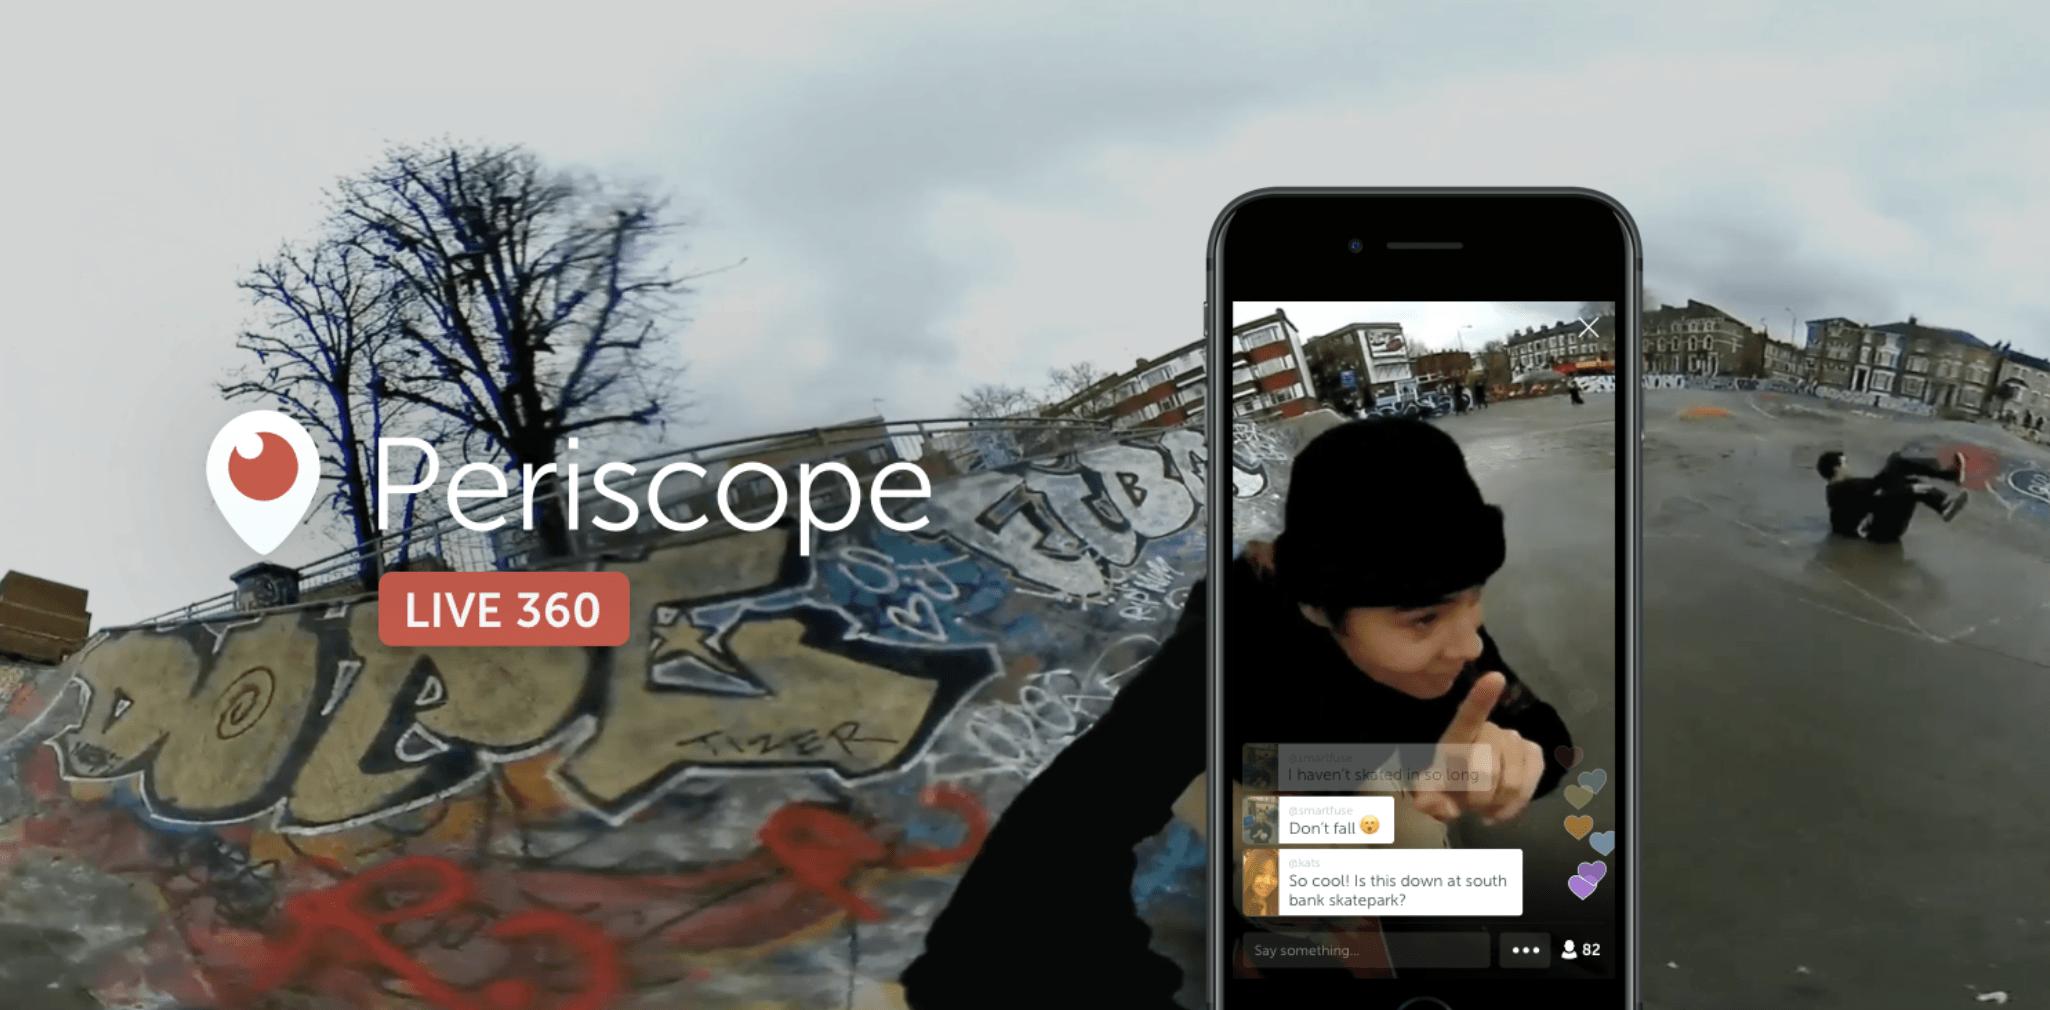 Periscope supporte maintenant les vidéos à 360 degrés